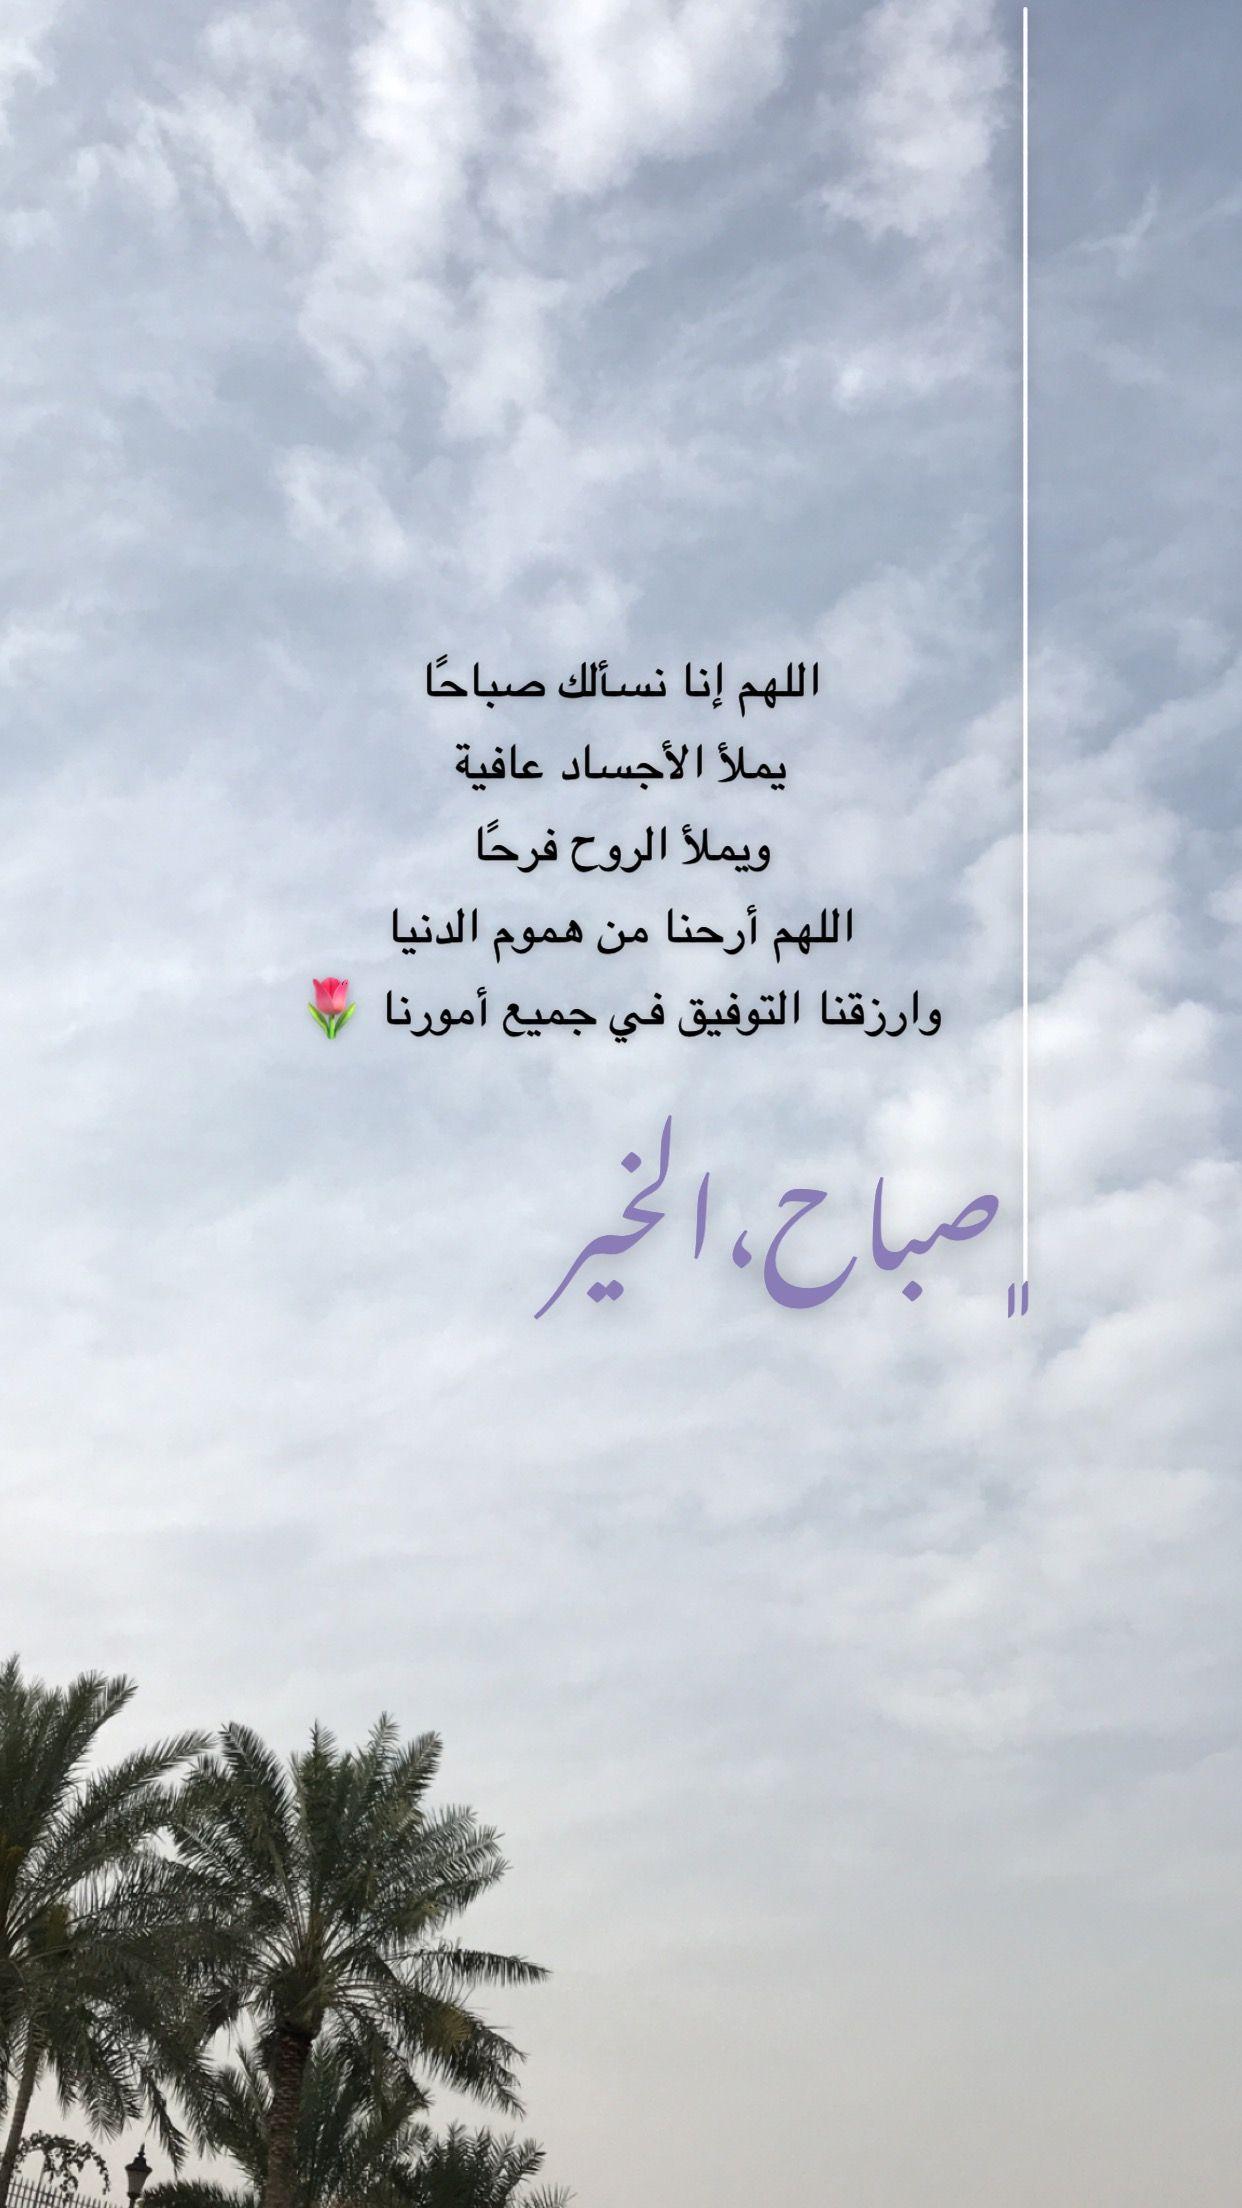 همسة اللهم إنا نسألك صباح ا يملأ الأجساد عافية ويملأ الروح فرح ا اللهم أرحنا من هموم الدنيا وارزقنا Quran Quotes Love Islamic Love Quotes Morning Words